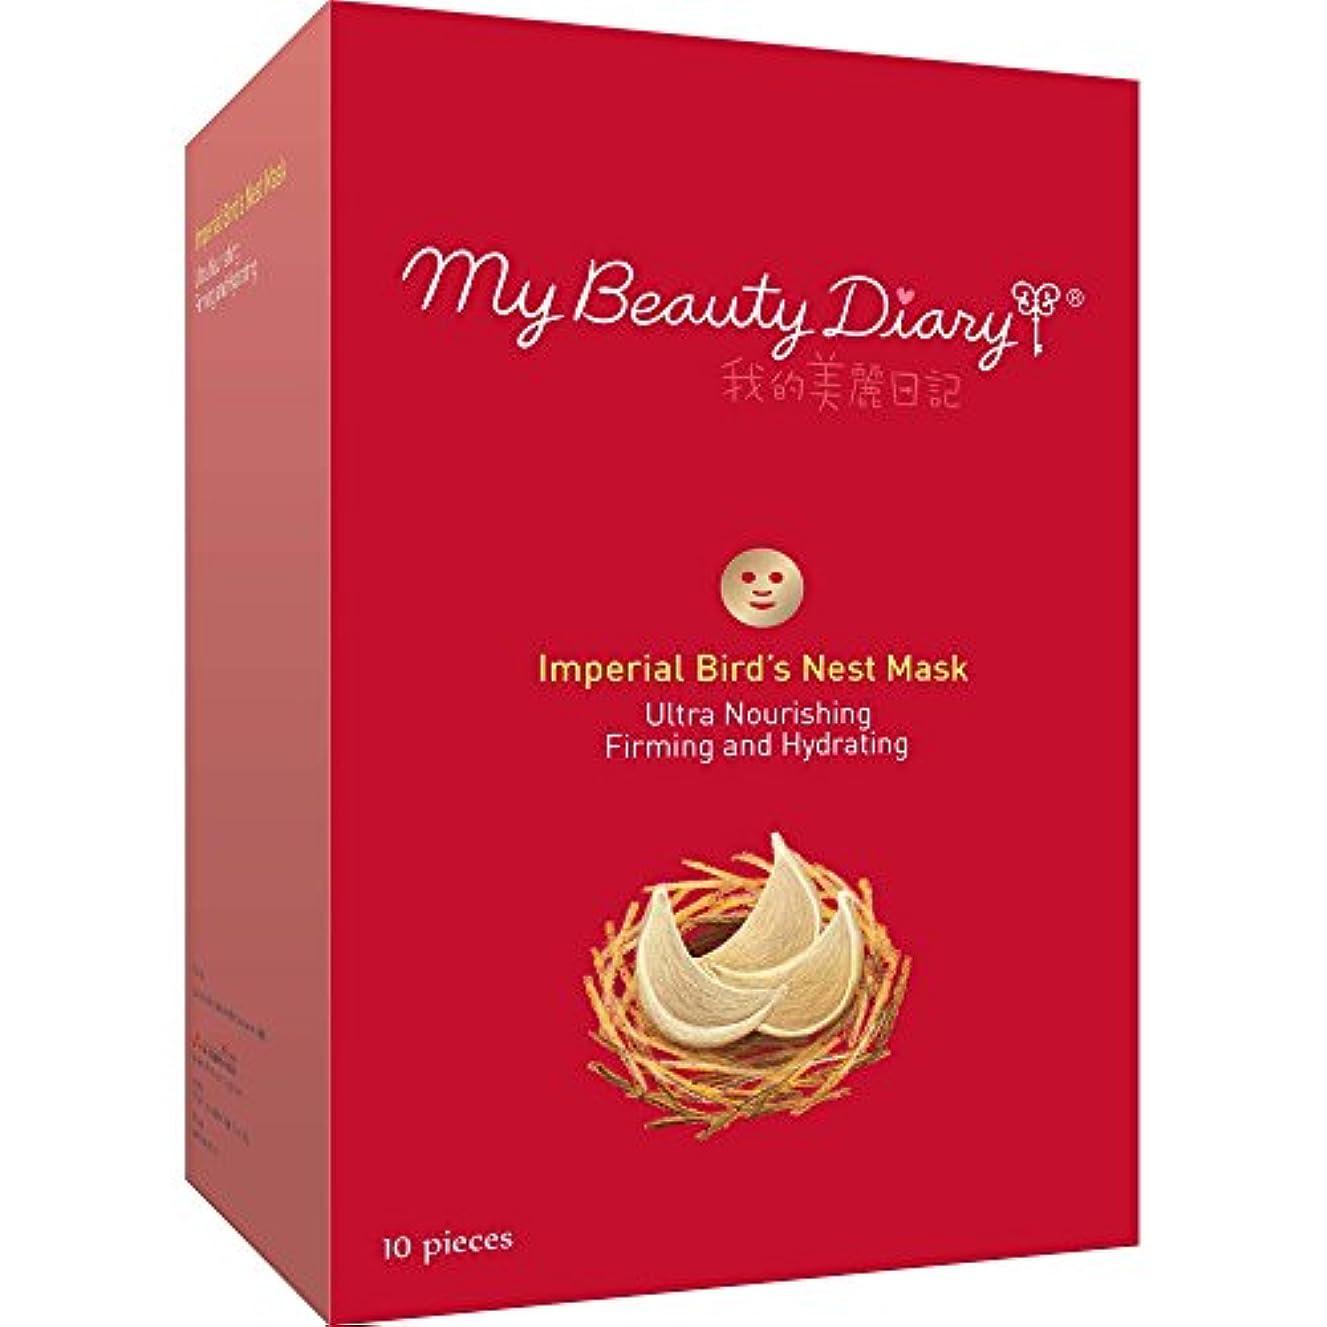 違う専門知識回復My Beauty Diary - Imperial Nest Facial Mask